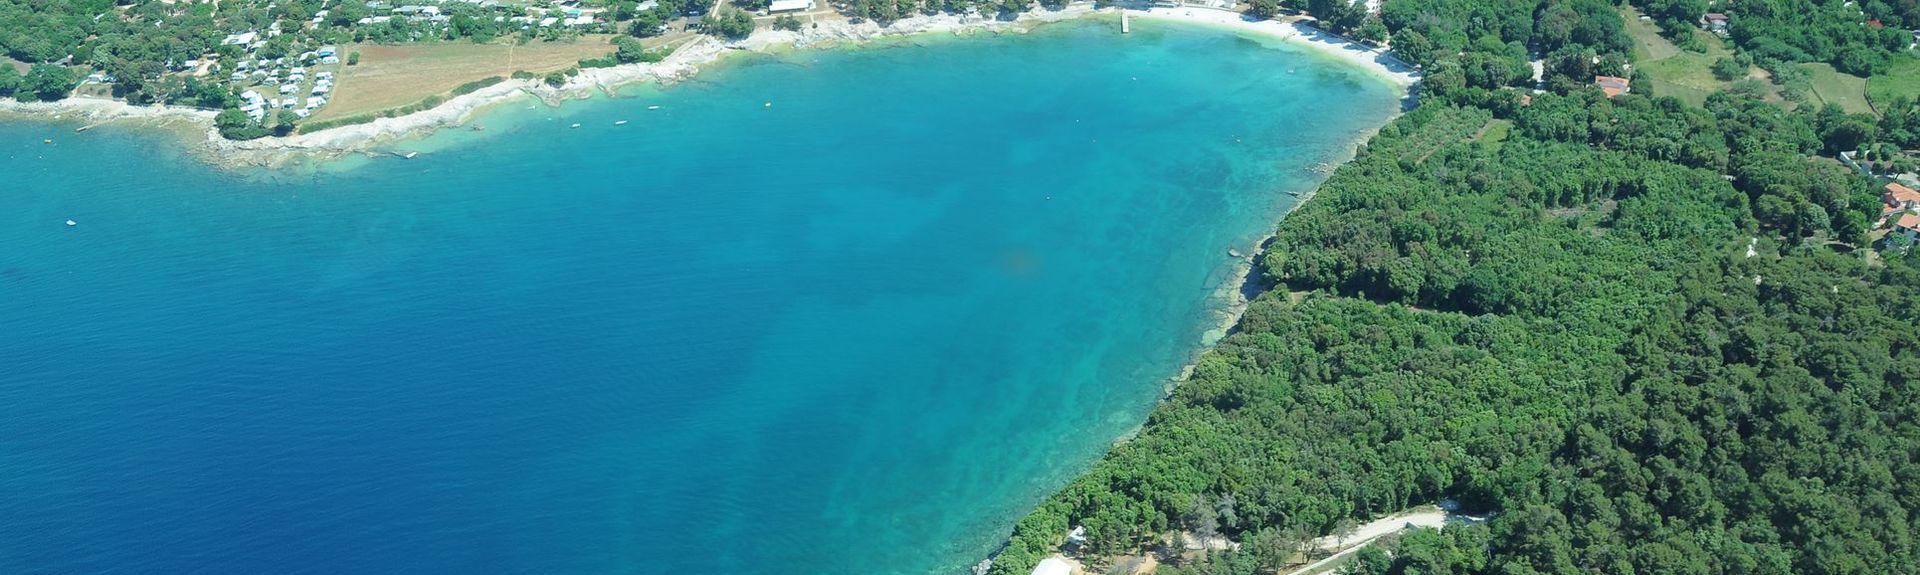 Pomer, Istrien, Kroatien